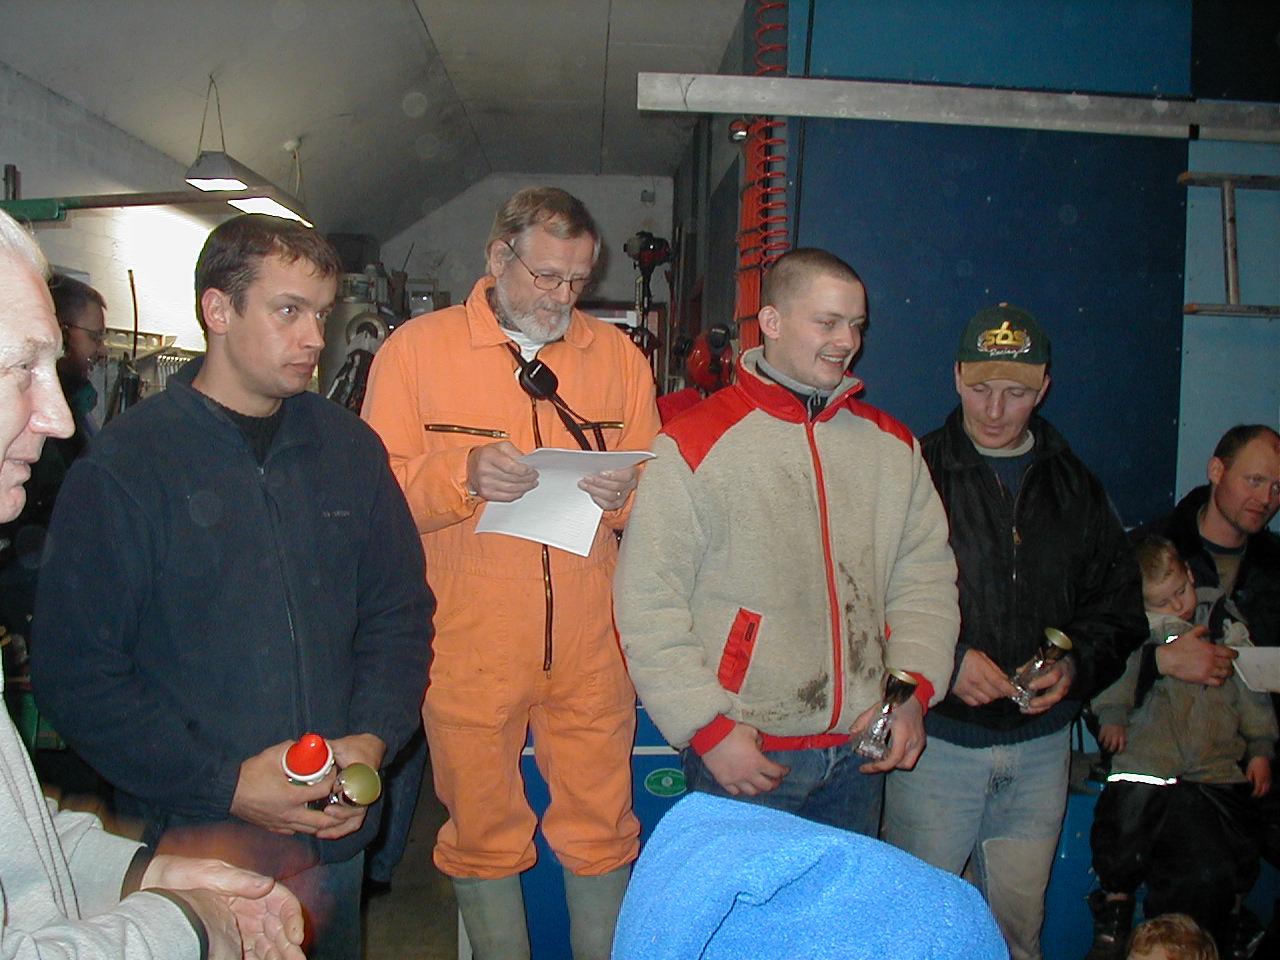 Kenneth Mikkelsen tv blev nr. 3 og Michael Dyrlund mellem Niels Laustsen og Søren B. blev nr. 4